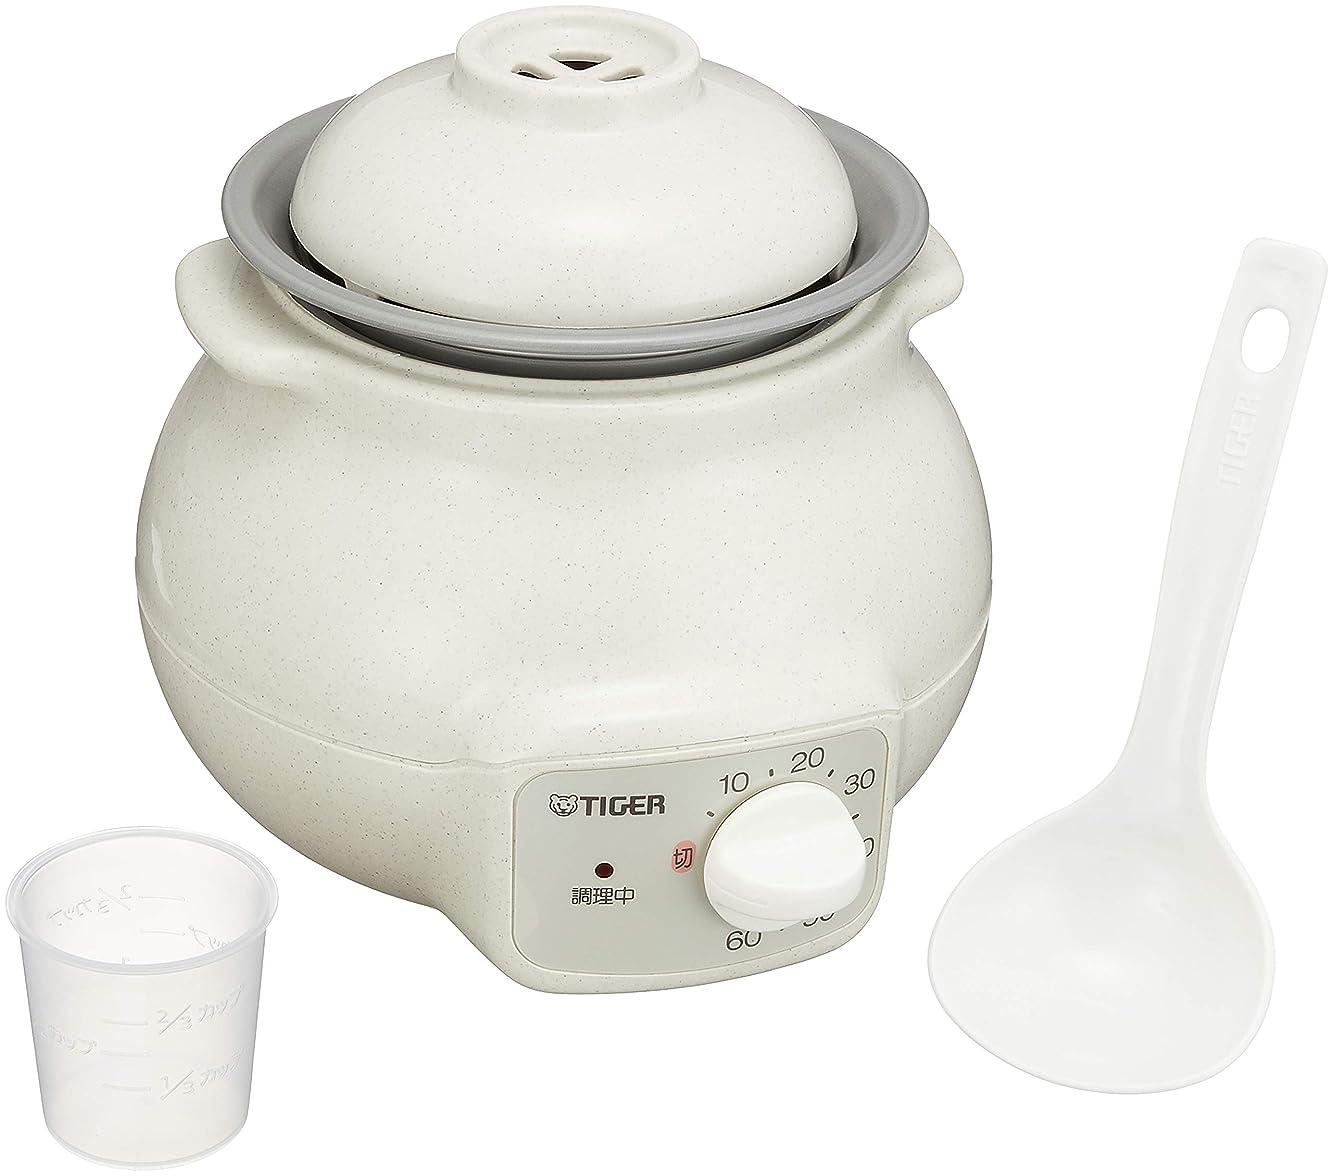 噛む後退するステレオタイガー 電気 おかゆ 炊飯器 茶碗 3 杯分 CFD-B280-C